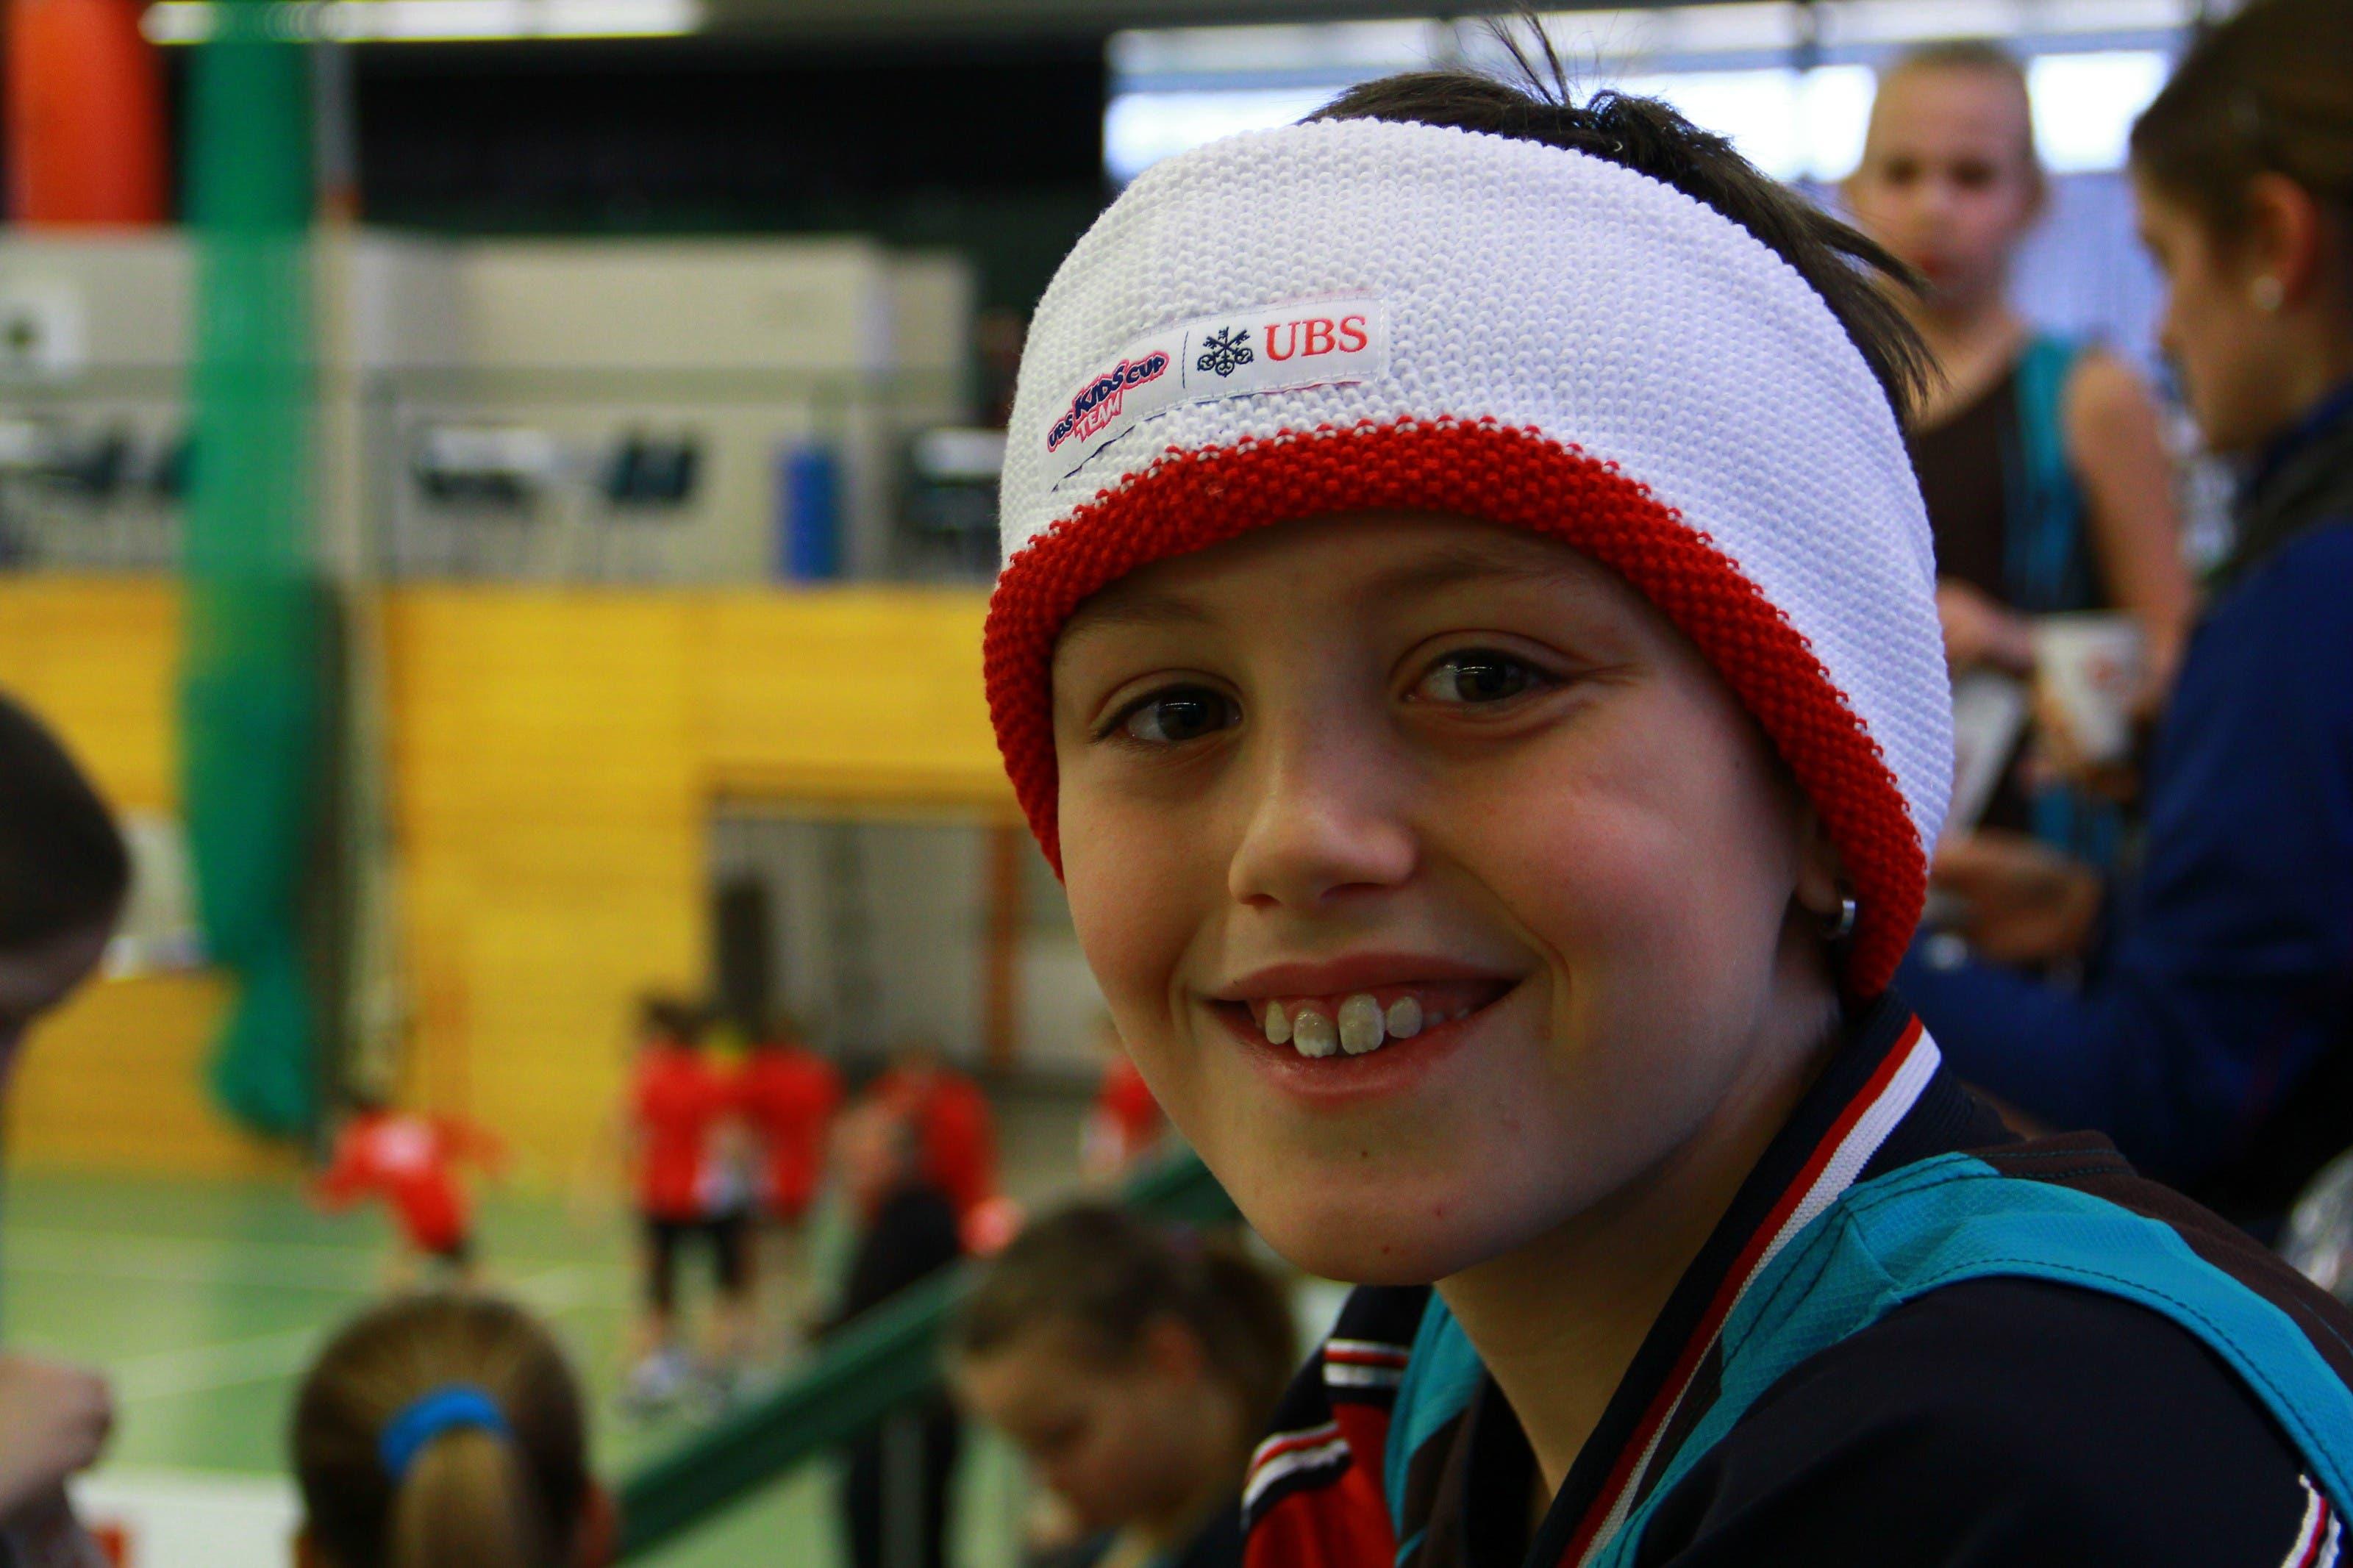 Cedric Nellen (9), Oberbuchsiten «Dieser Teamevent ist mein erster Wettkampf in diesem Jahr. Am besten bin ich im Biathlon – dort muss man über Sprinten, Joggen und Werfen alles drauf haben. Wir haben im Verein daher auch ziemlich hart trainiert.»